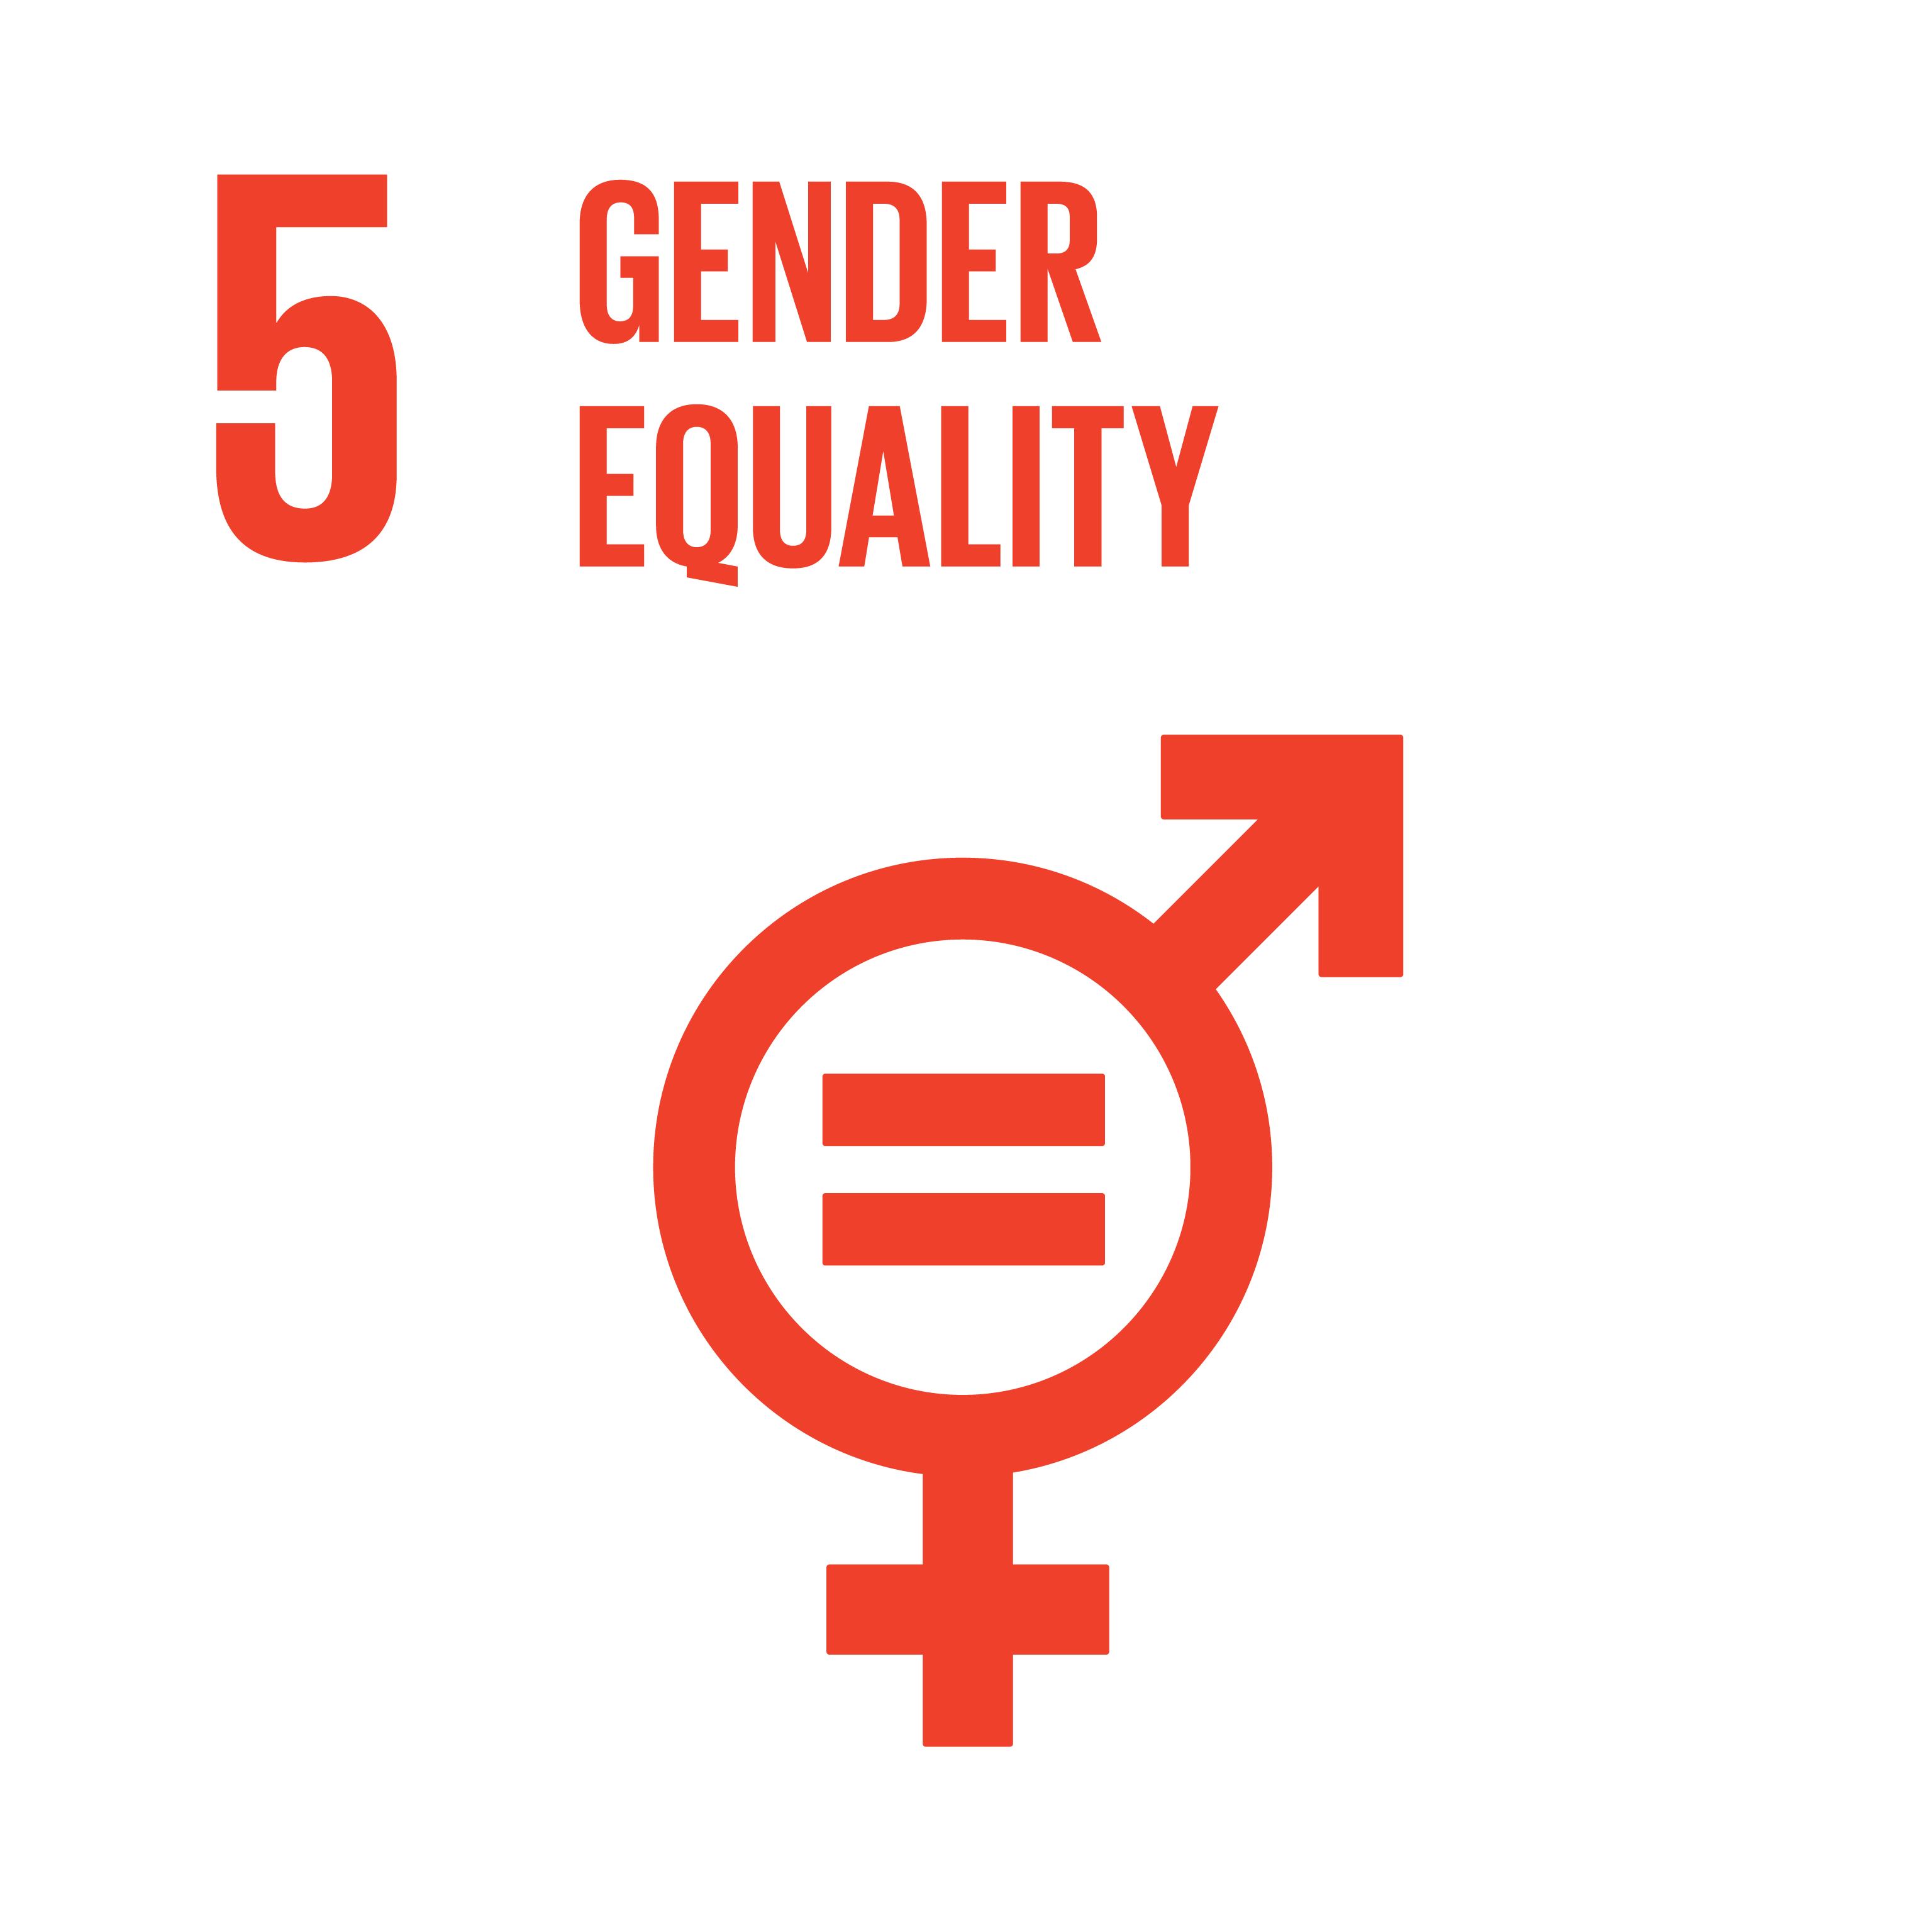 Image SDG 5; © UN